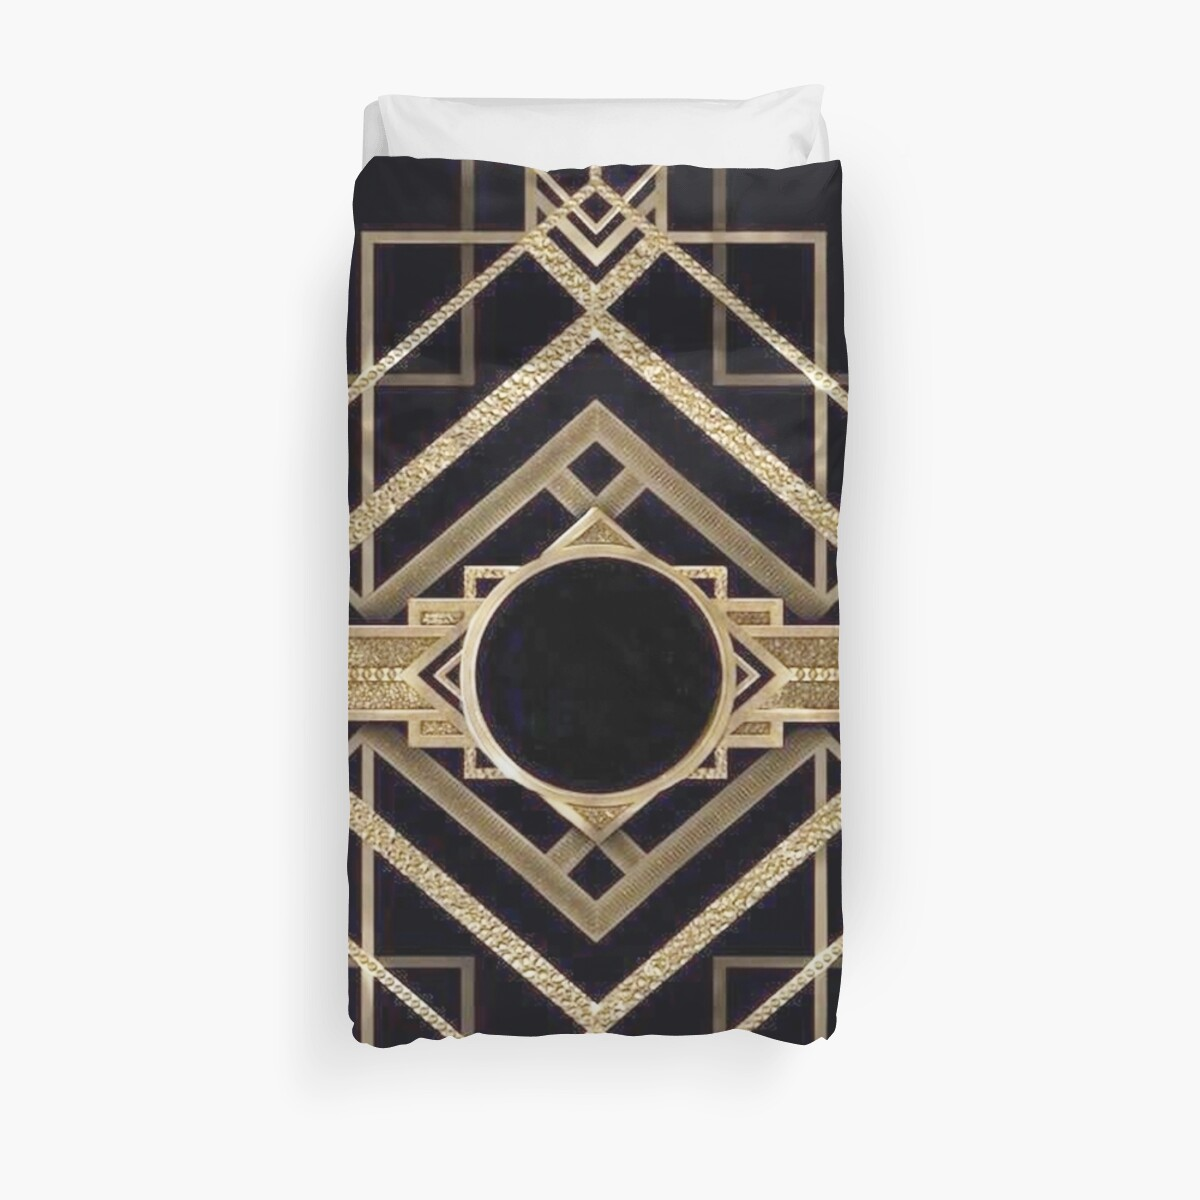 Art Deco, Vintage, 1920 Ära, The Great Gatsby, Gold, schwarz, Muster, elegant, schick, modern, trendy von love999